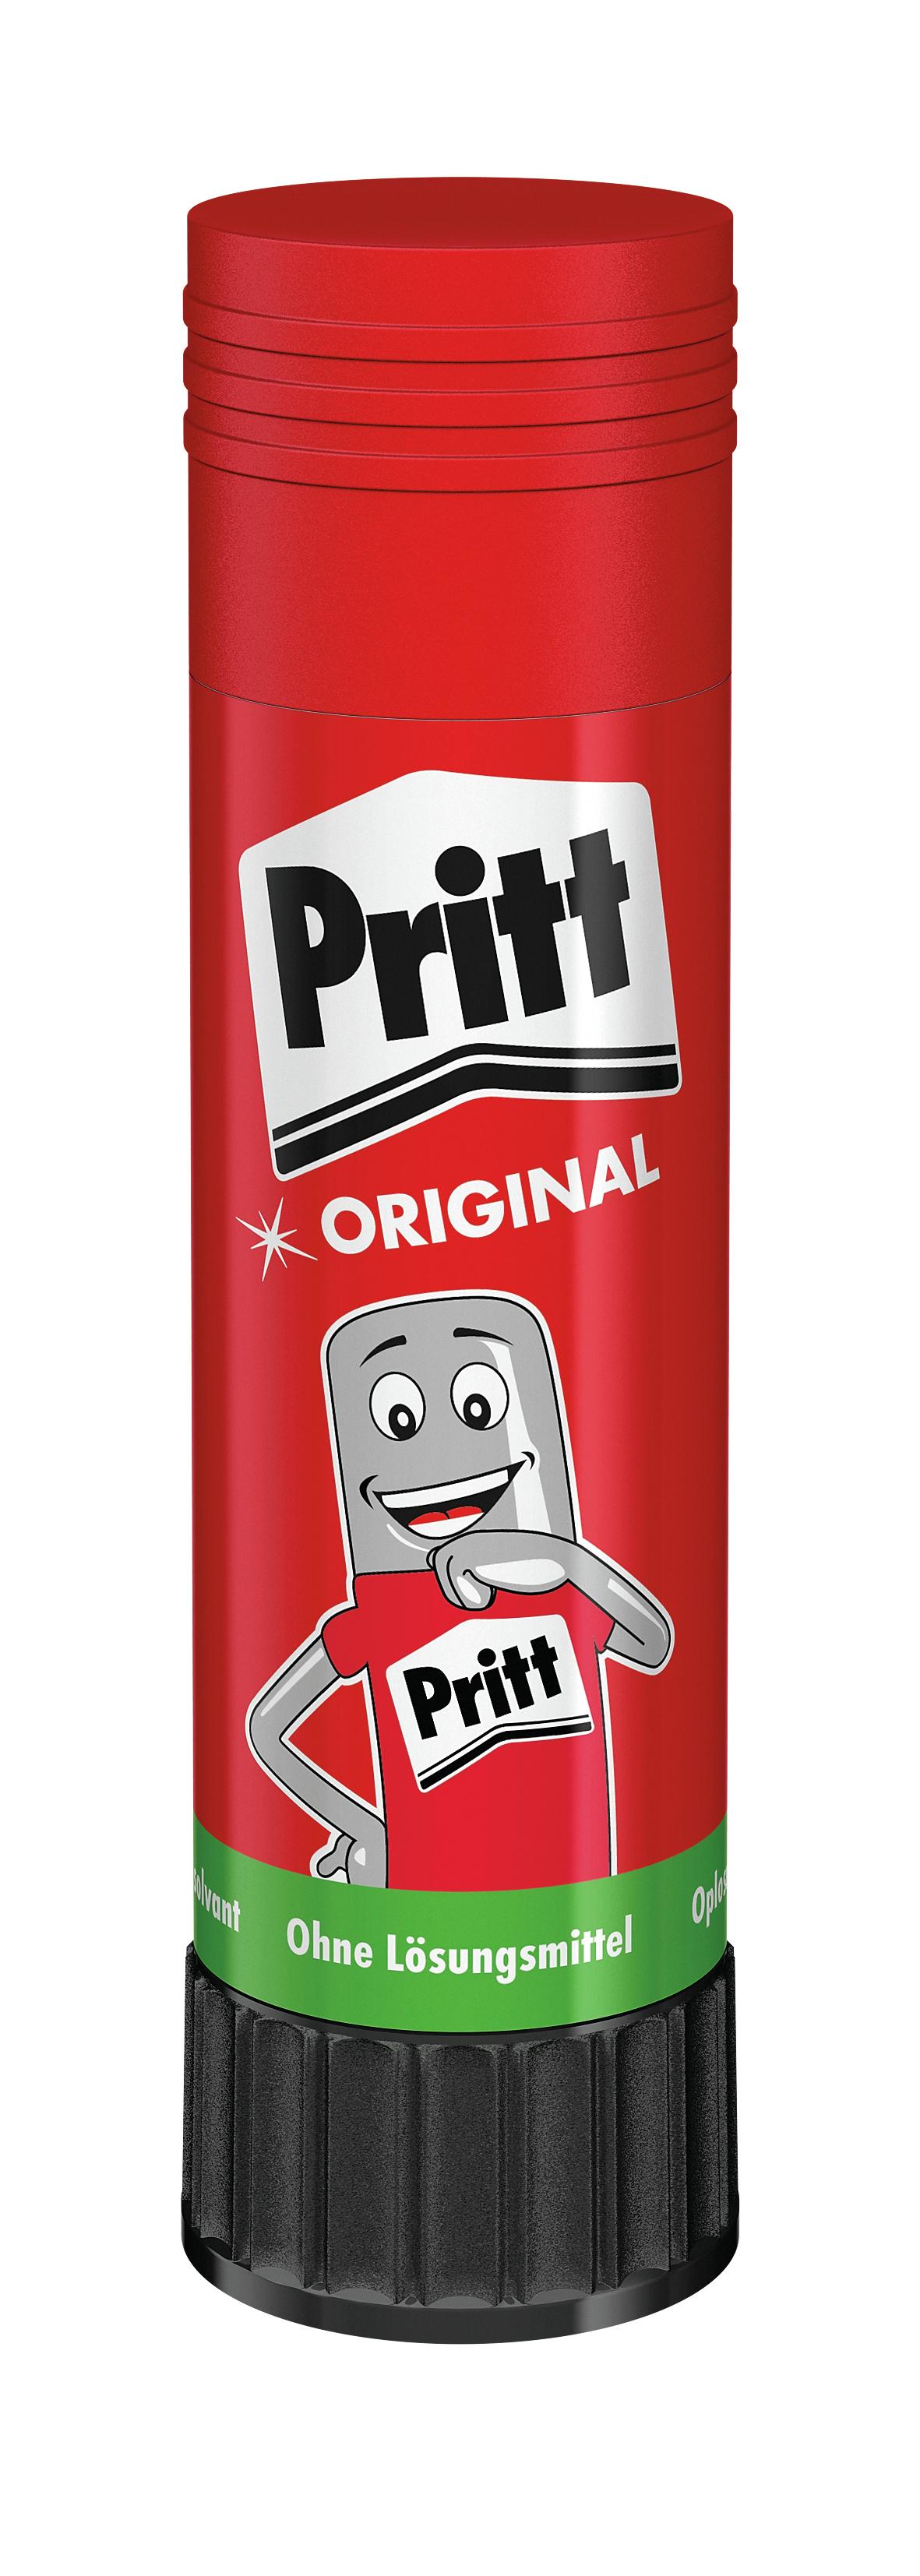 Henkel 1561147 - Prittstift - Klebestift - Karton - Stoff - Papier